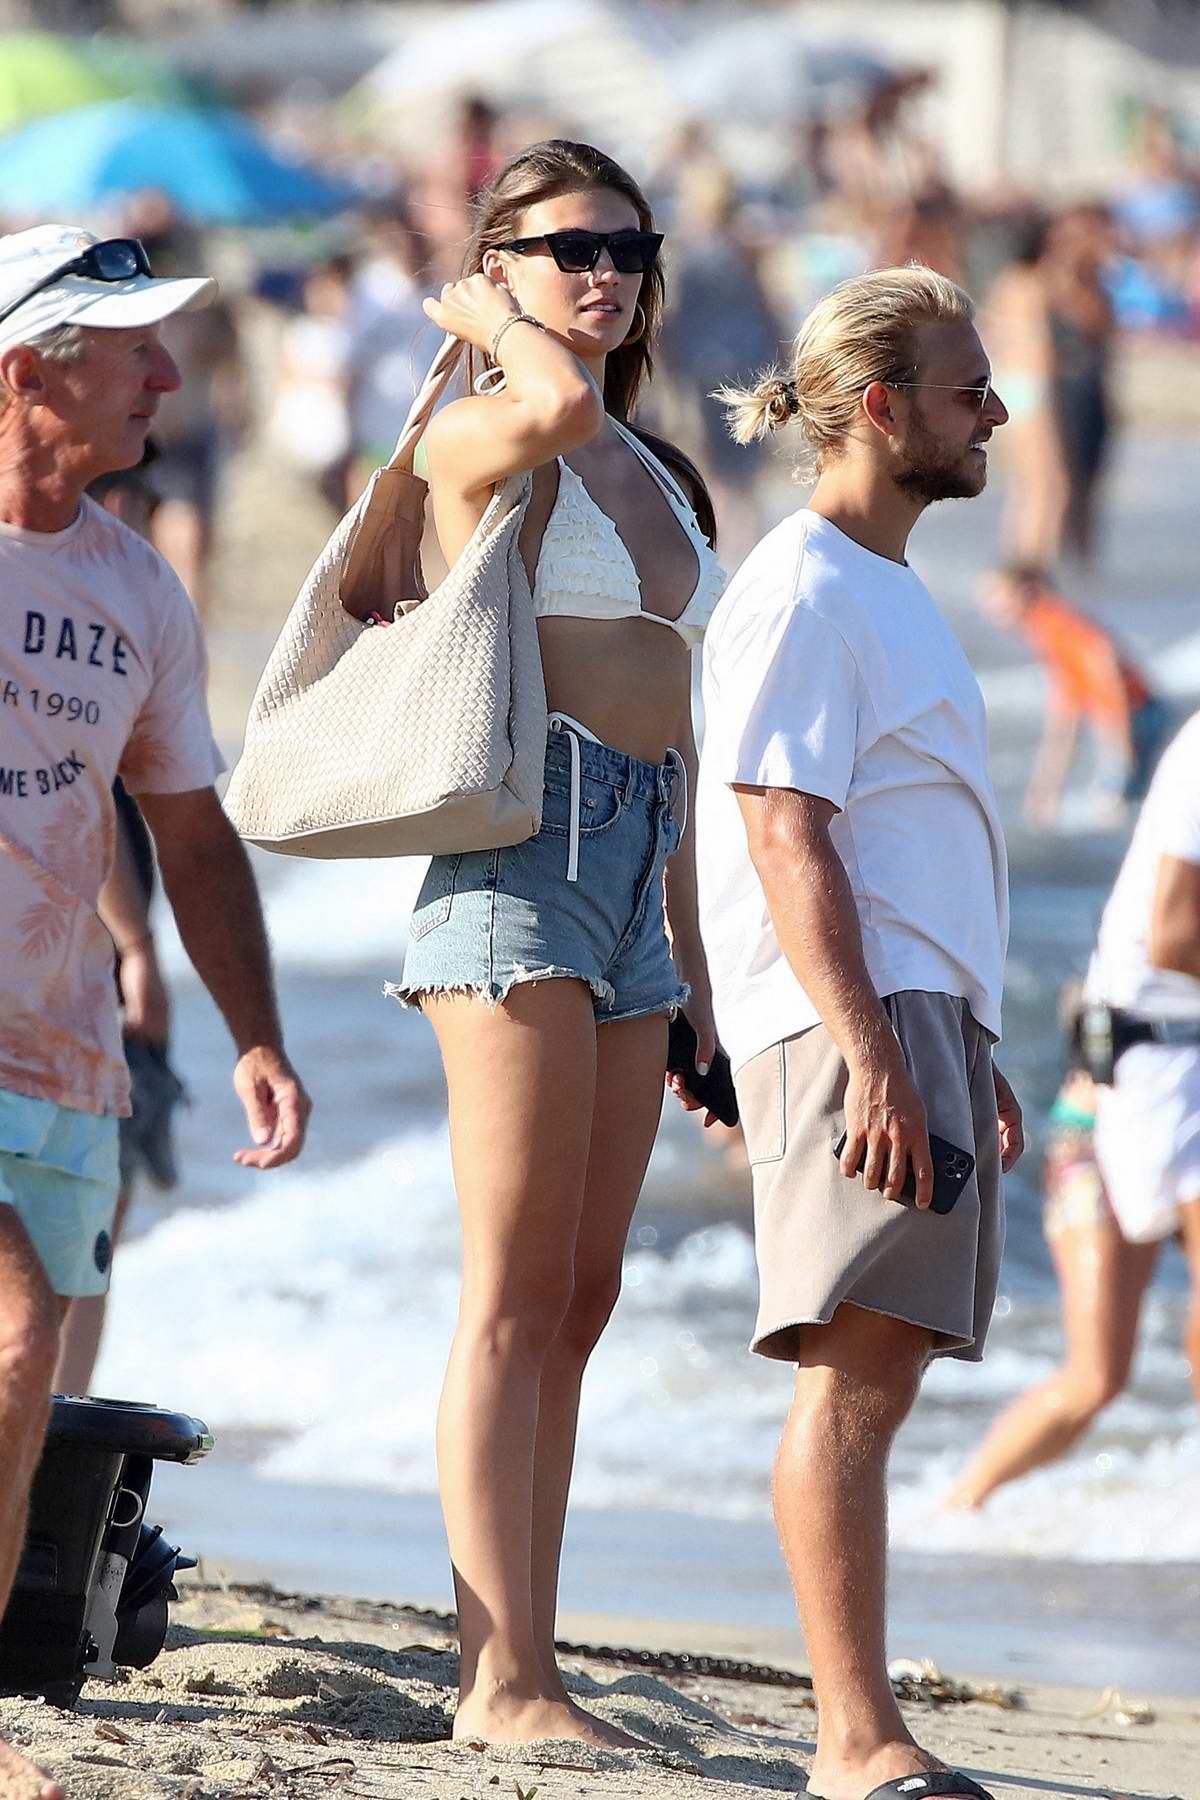 Lorena Rae hits the beach wearing a white bikini top and denim shorts in Saint-Tropez, France